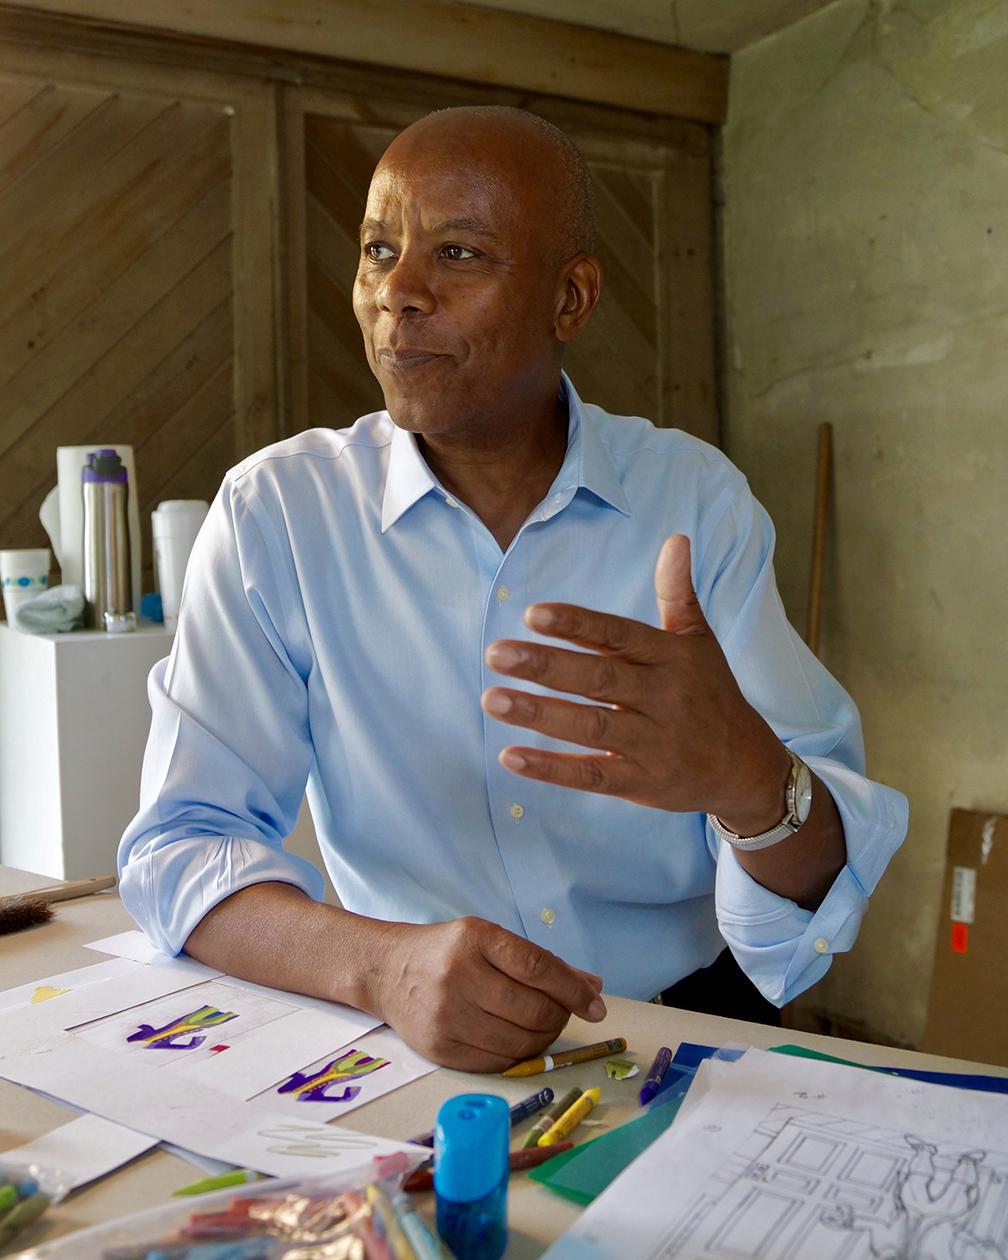 Artist Richard Haynes